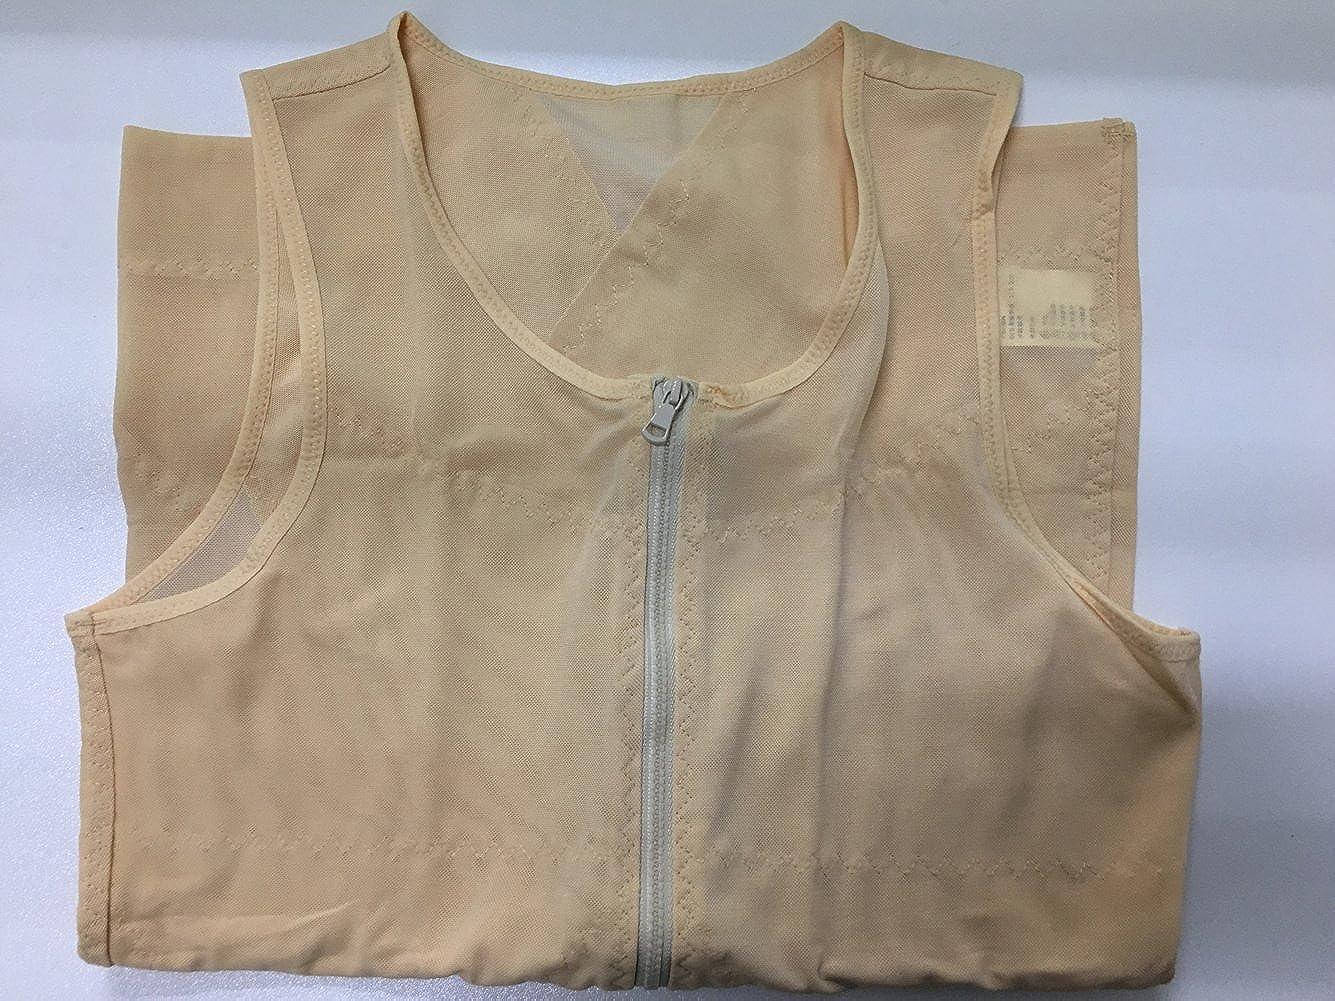 Burvogue Hombre del cuerpo de adelgazamiento Shaper malla chaleco de compresión con faja Camisa: Amazon.es: Ropa y accesorios